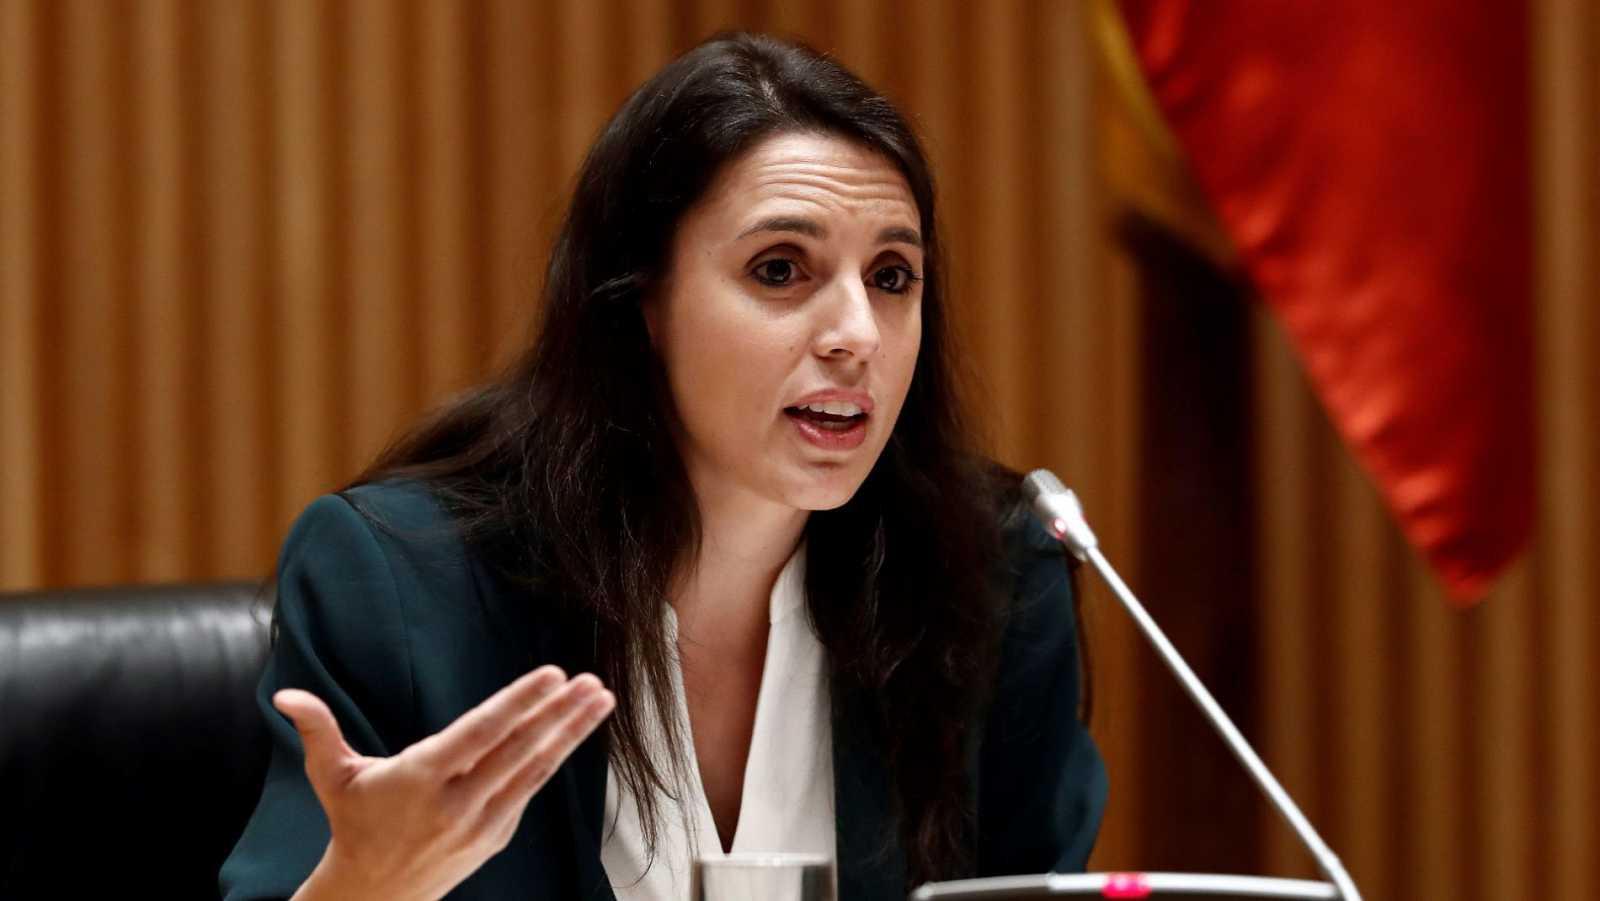 La ministra de Igualdad, Irene Montero, durante una comparecencia ante la Comisión de Reconstrucción del Congreso